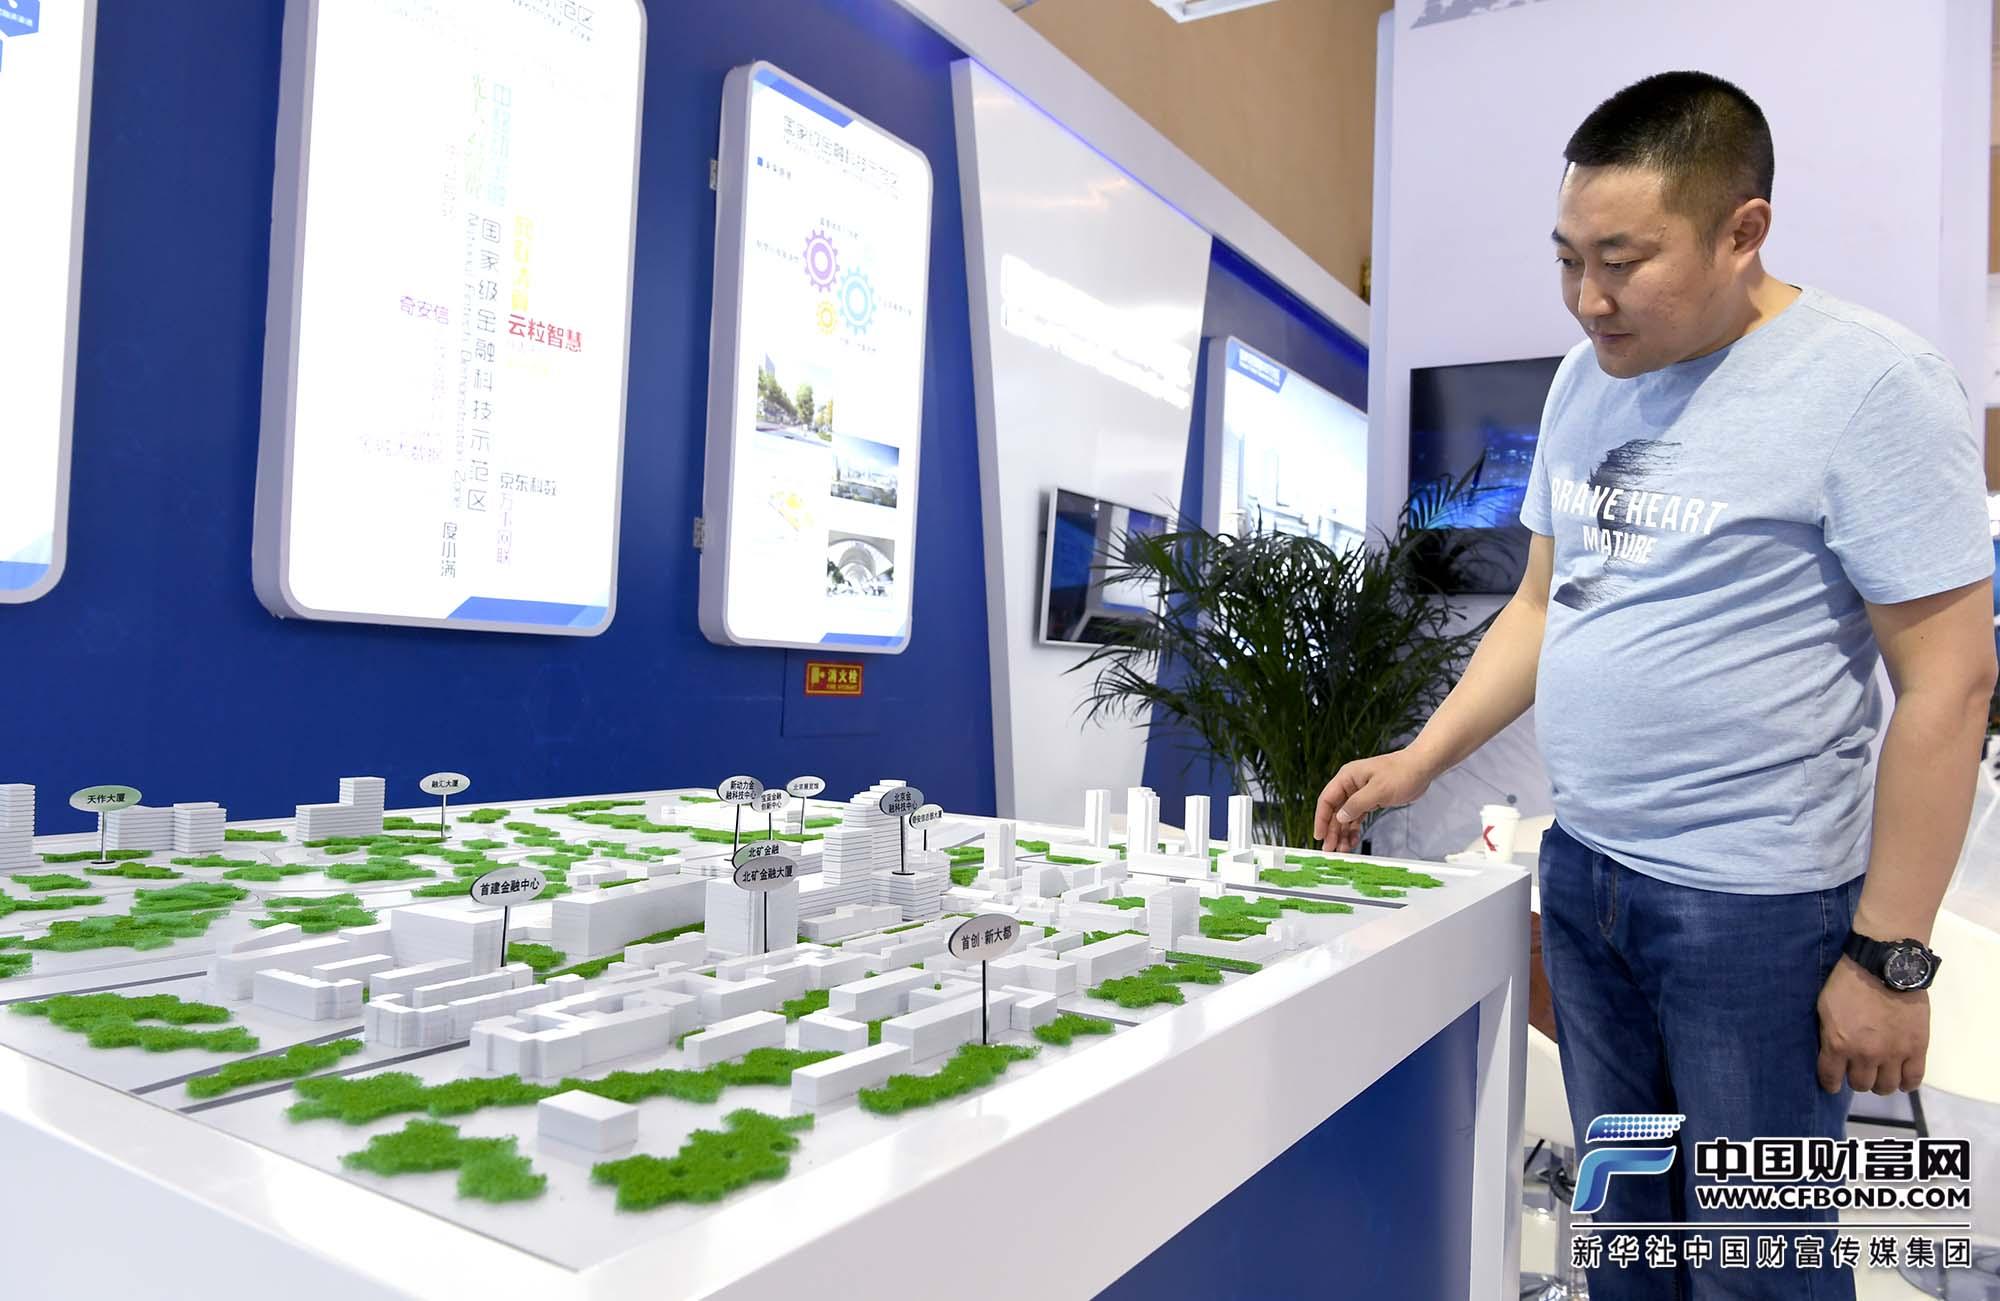 国家级金融科技示范区沙盘模型吸引观众